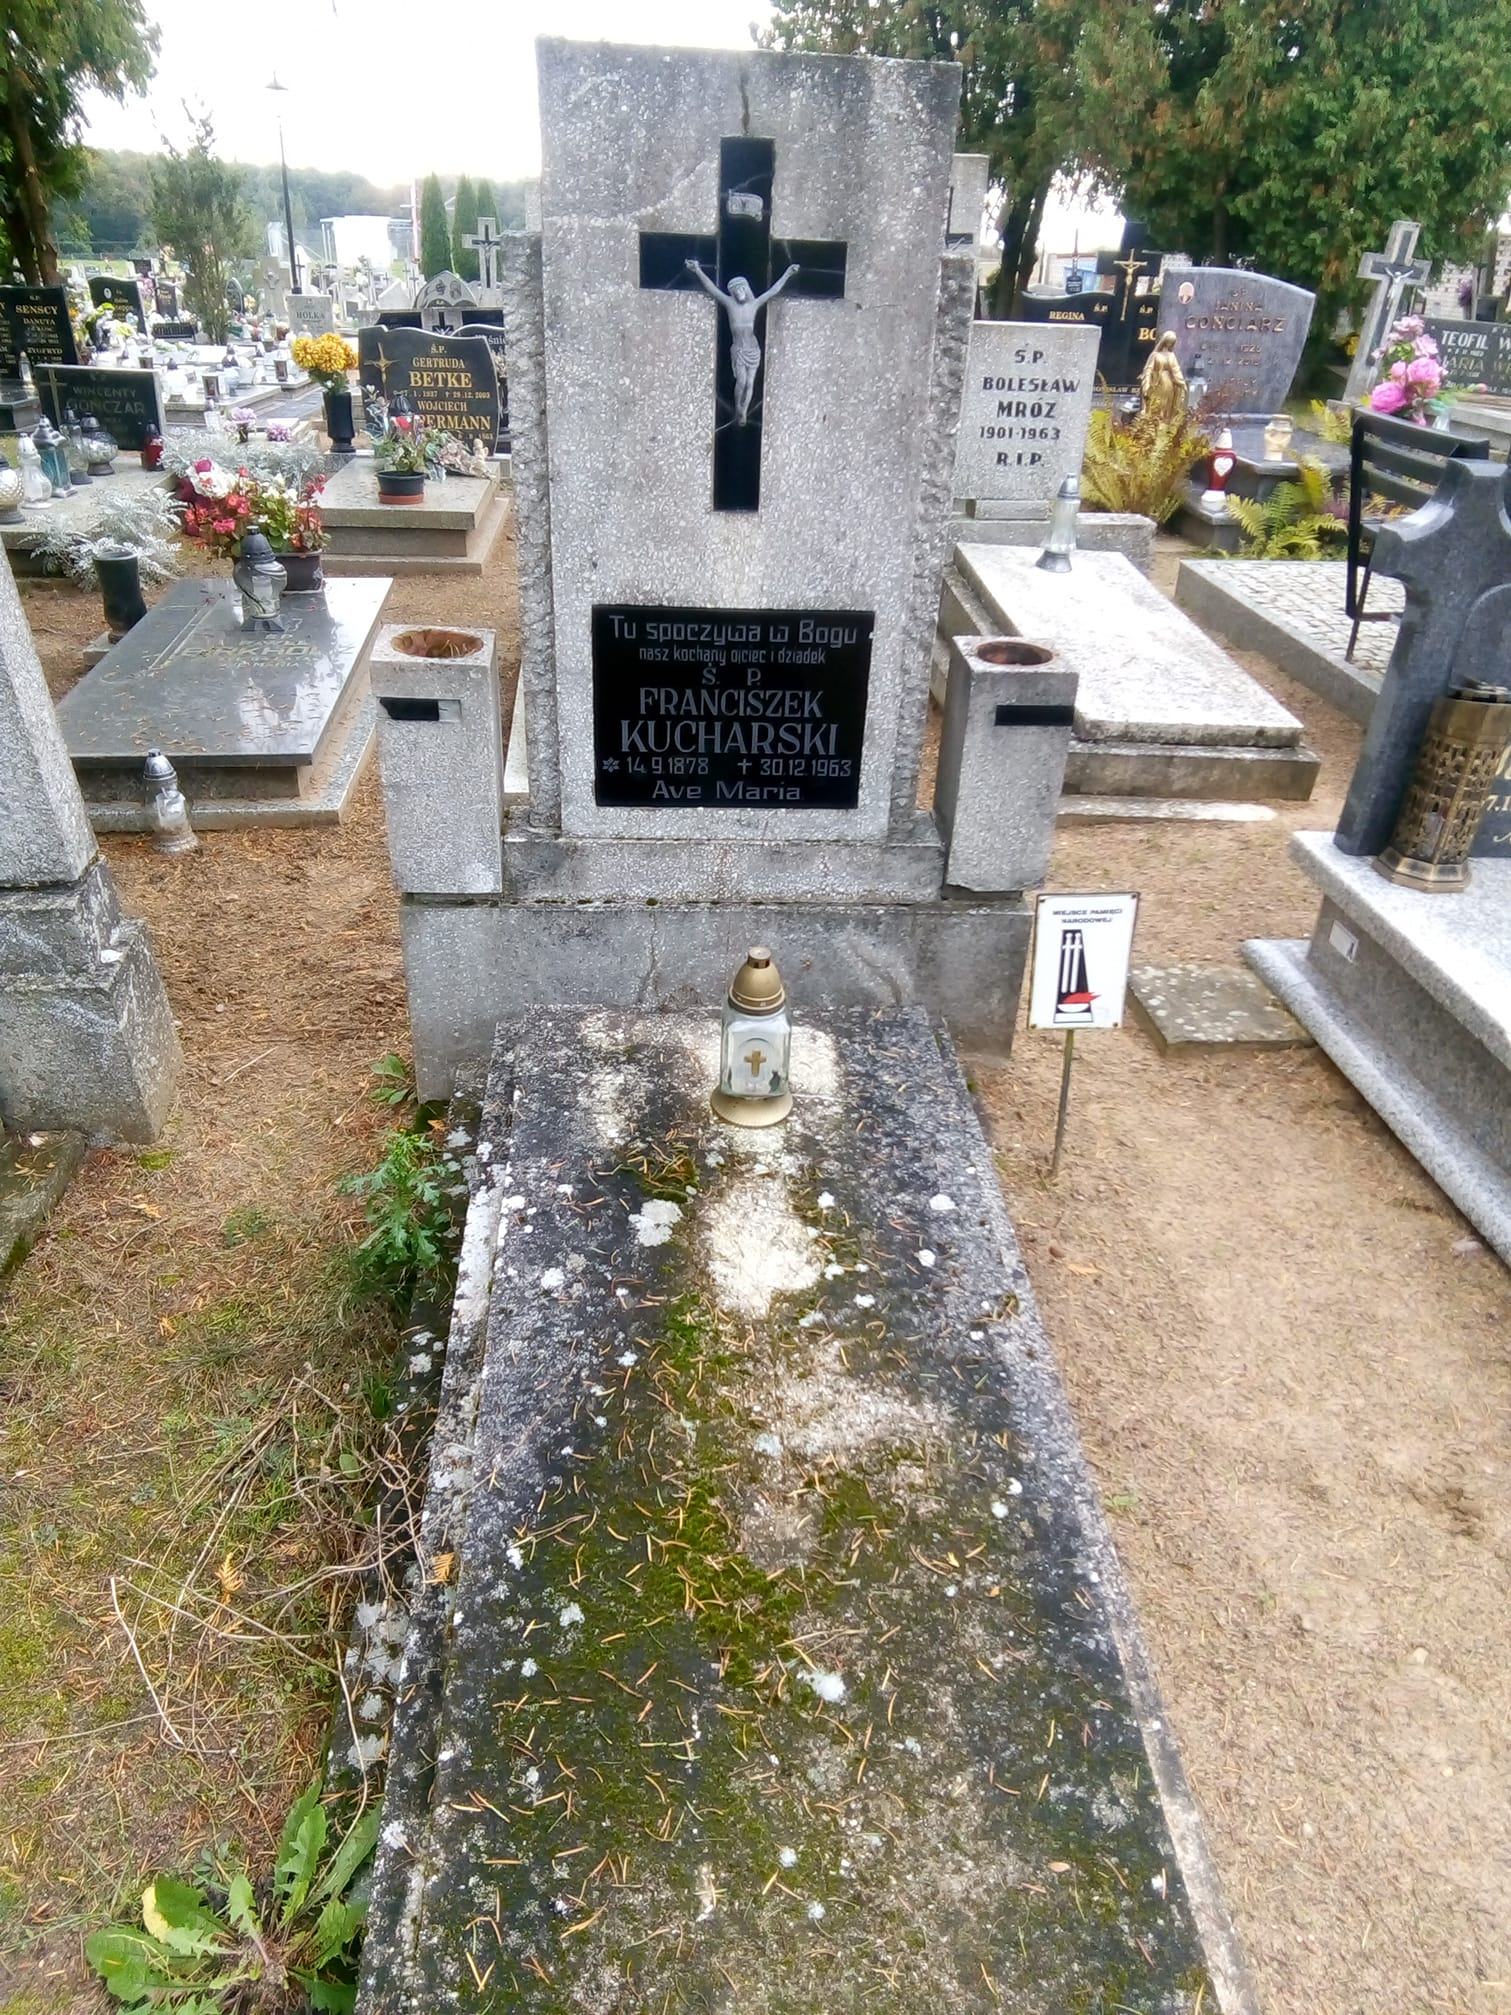 Obraz nędzy i rozpaczy czyli miejsce spoczynku ostatniego burmistrza Więcborka w II RP Franciszka Kucharskiego na cmentarzu komunalnym w Więcborku w roku 100 lecia odzyskania przez Więcbork niepodległości